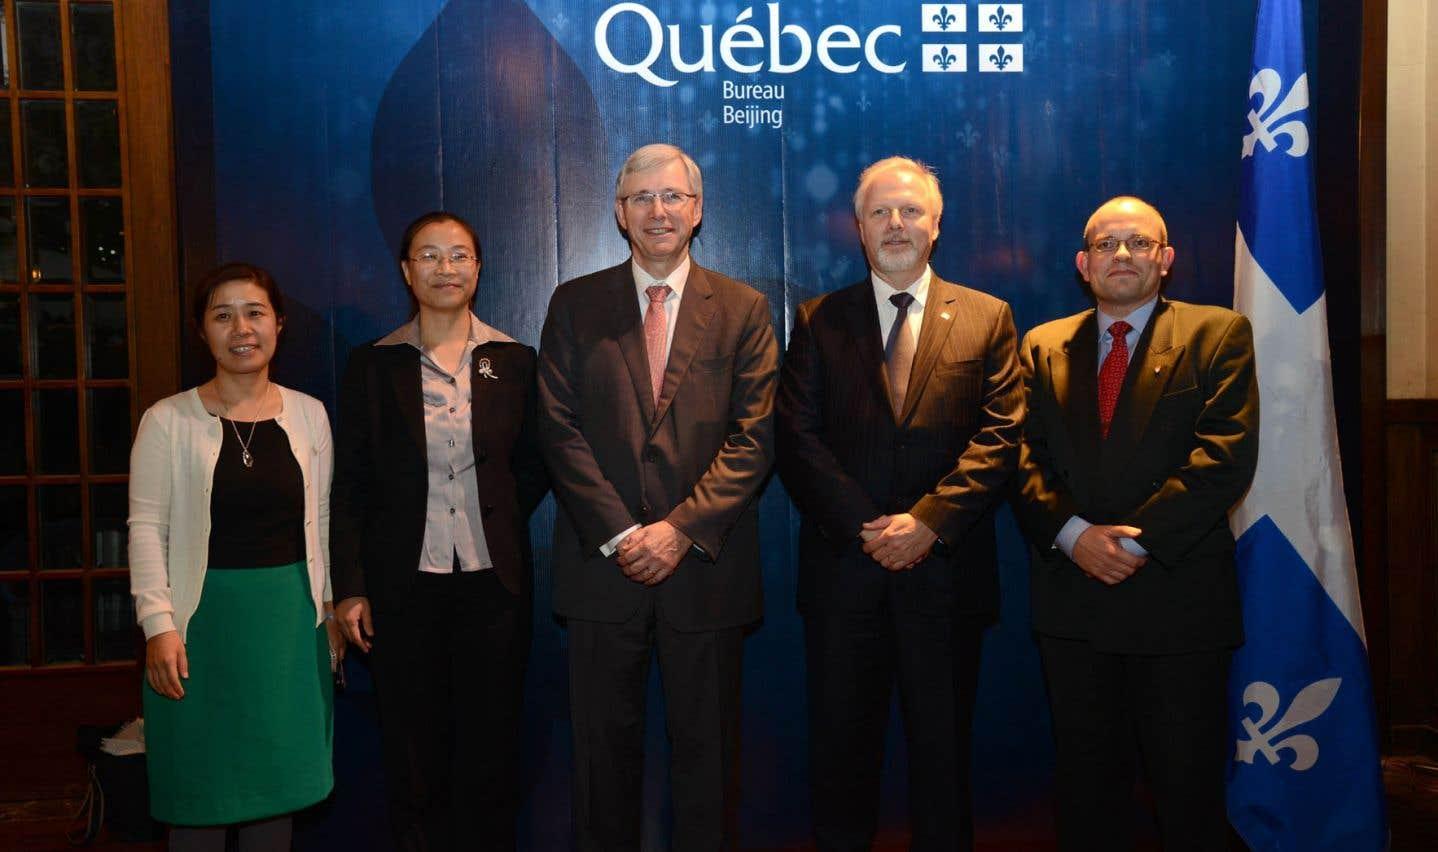 Le professeur Fabrice Labeau (à l'extrême droite) et le ministre Jean-François Lisée, à côté de lui, ont effectué une visite à l'Université des postes et des télécommunications de Pékin, en 2013.